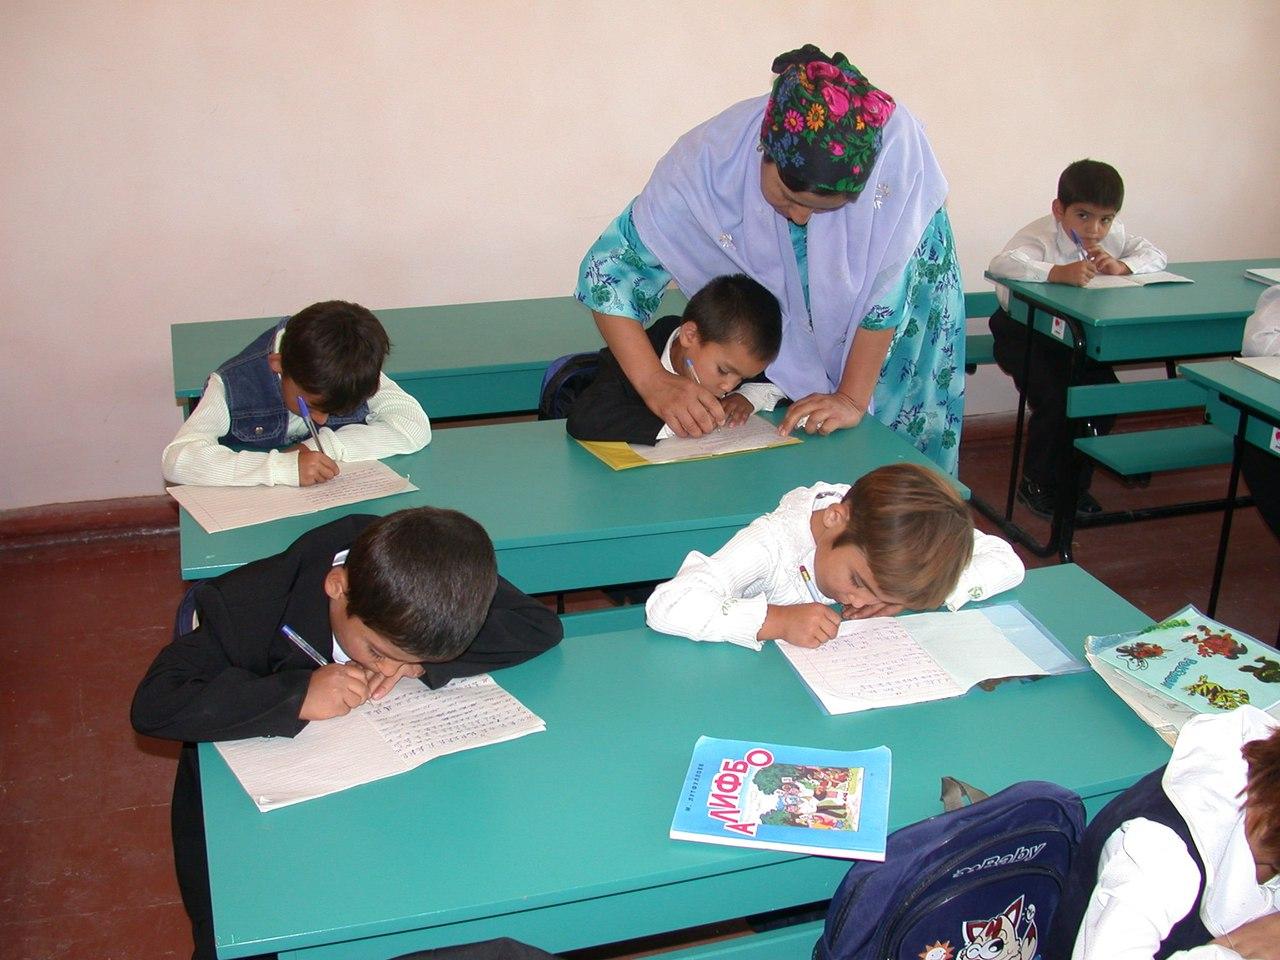 Таджикистан перейдет на 12-летнее образование в 2020 году